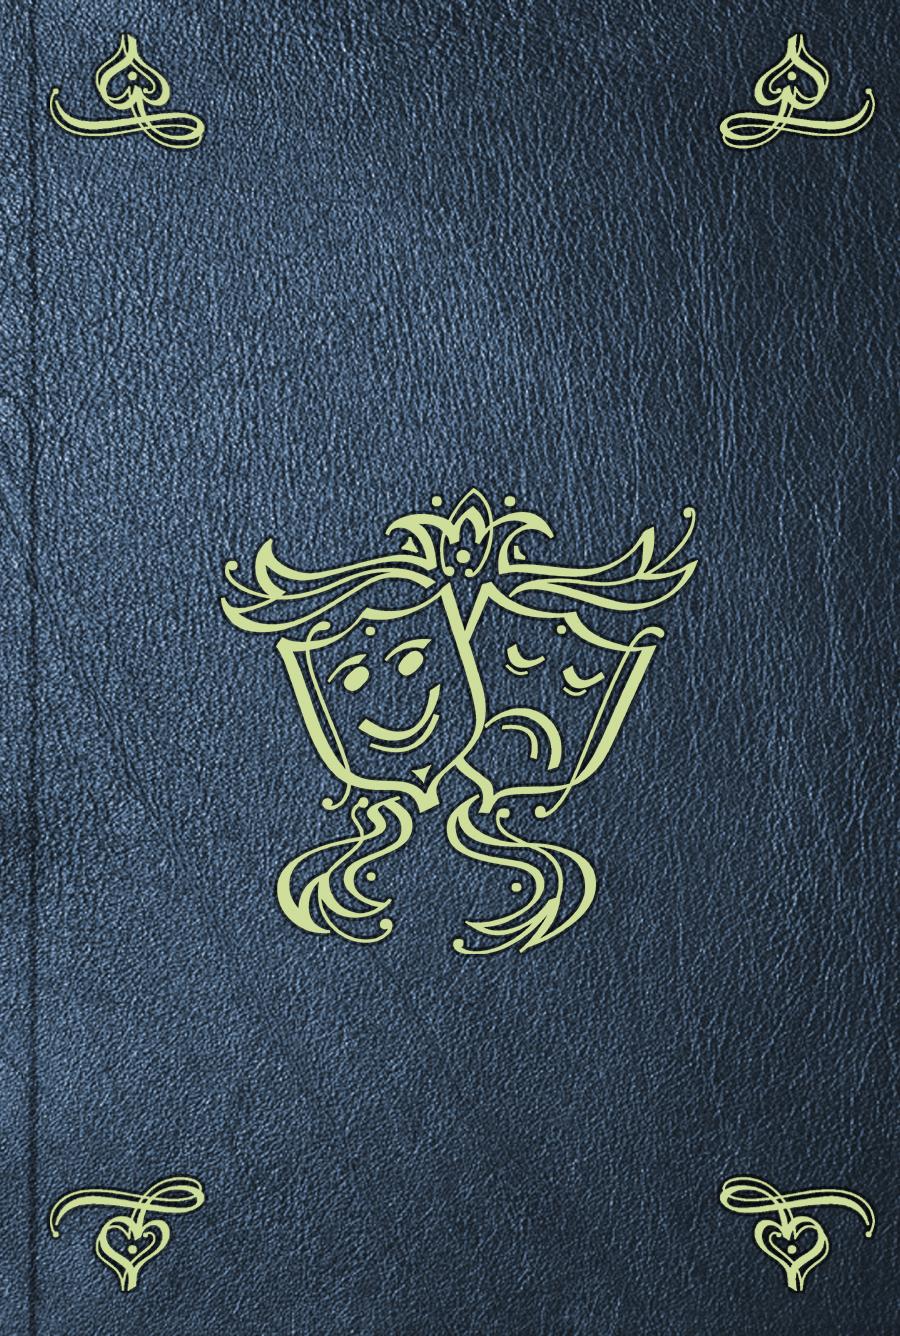 Friedrich von Schiller Wilhelm Tell friedrich von schiller gedichte